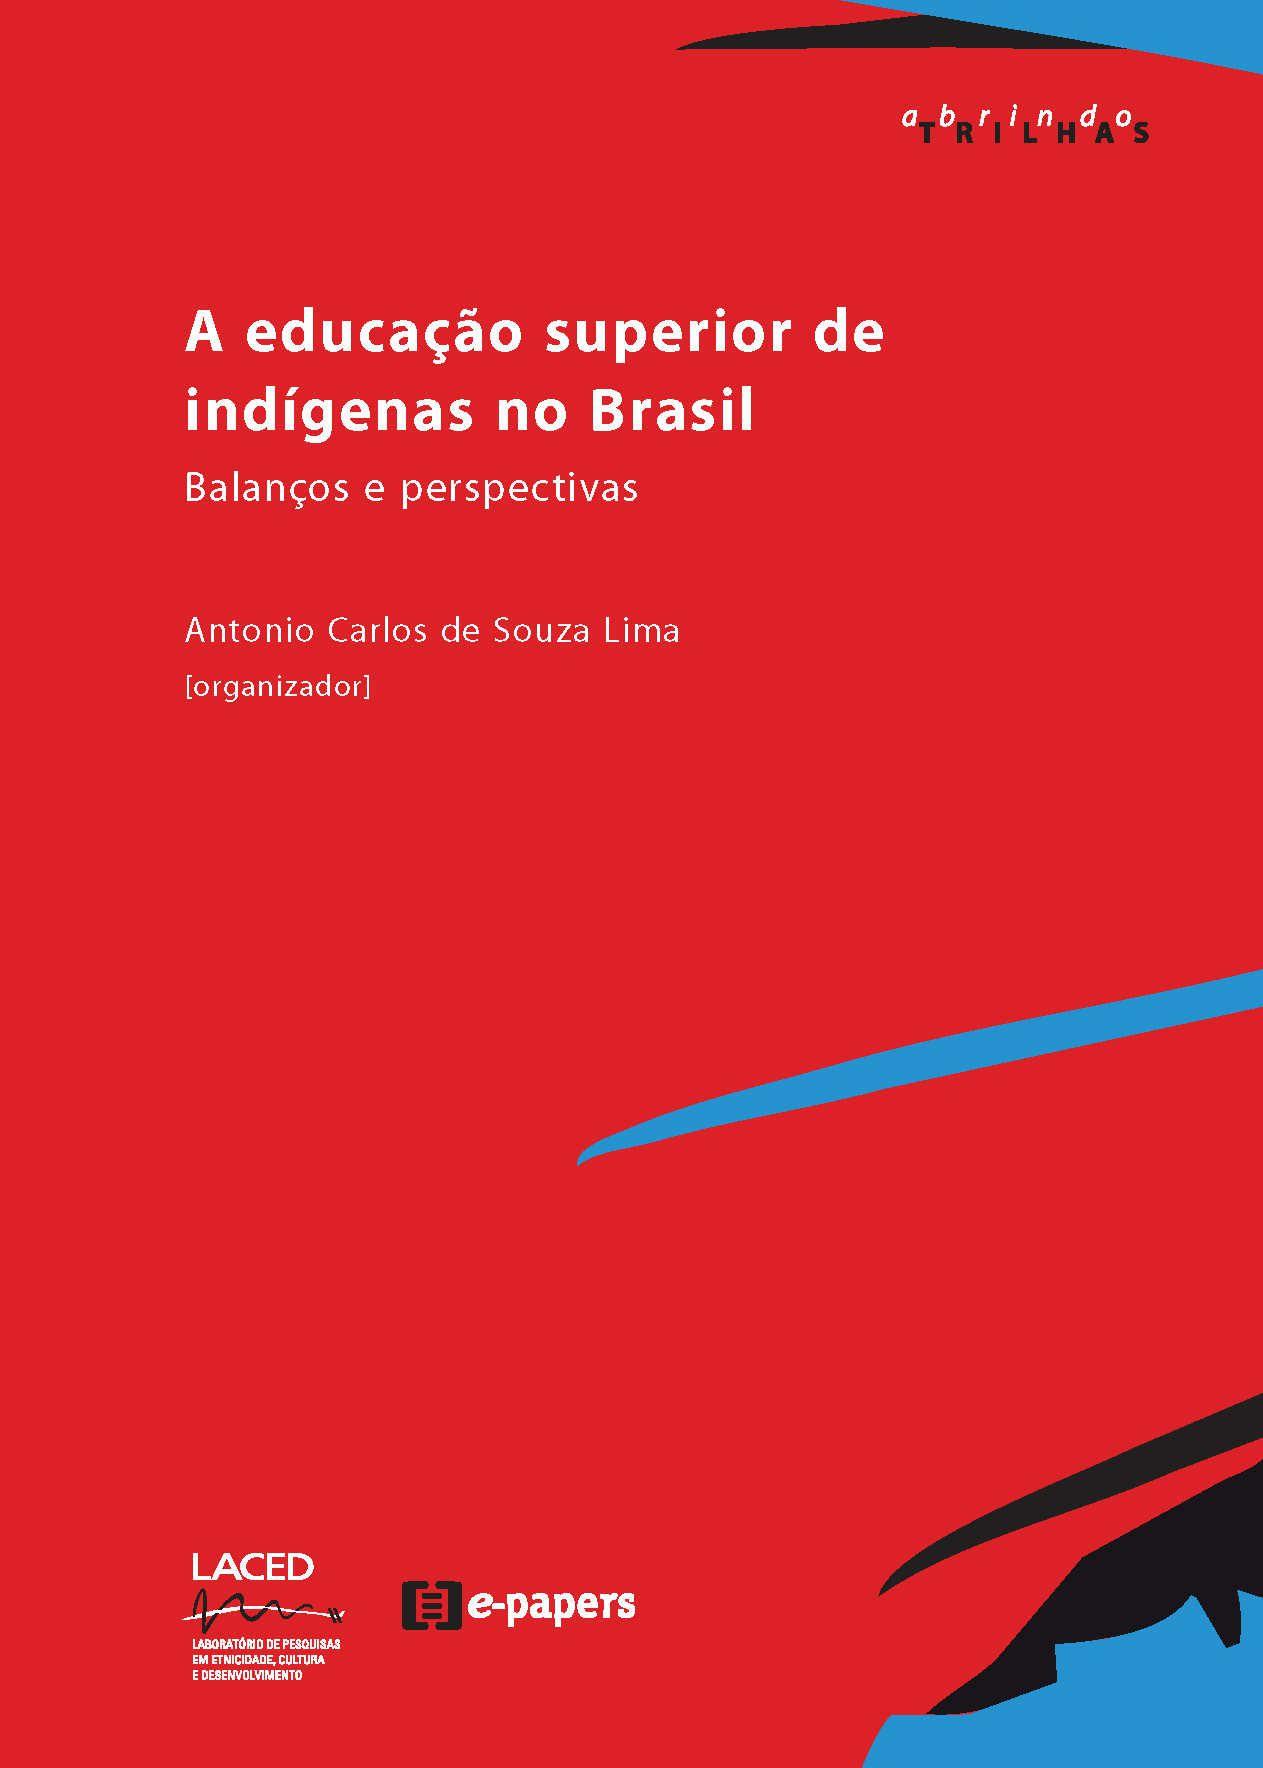 A educação superior de indígenas no Brasil: Balanços e perspectivas